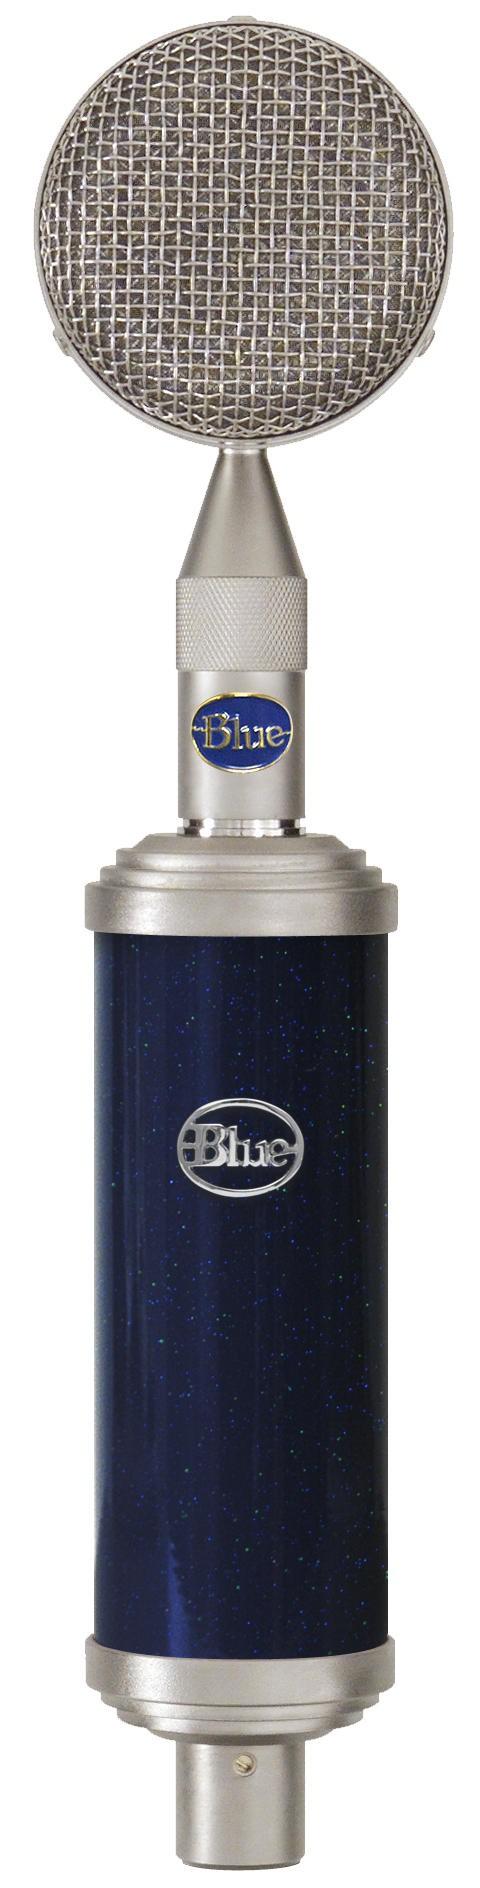 Blue Microphones Bottle Rocket Stage 1